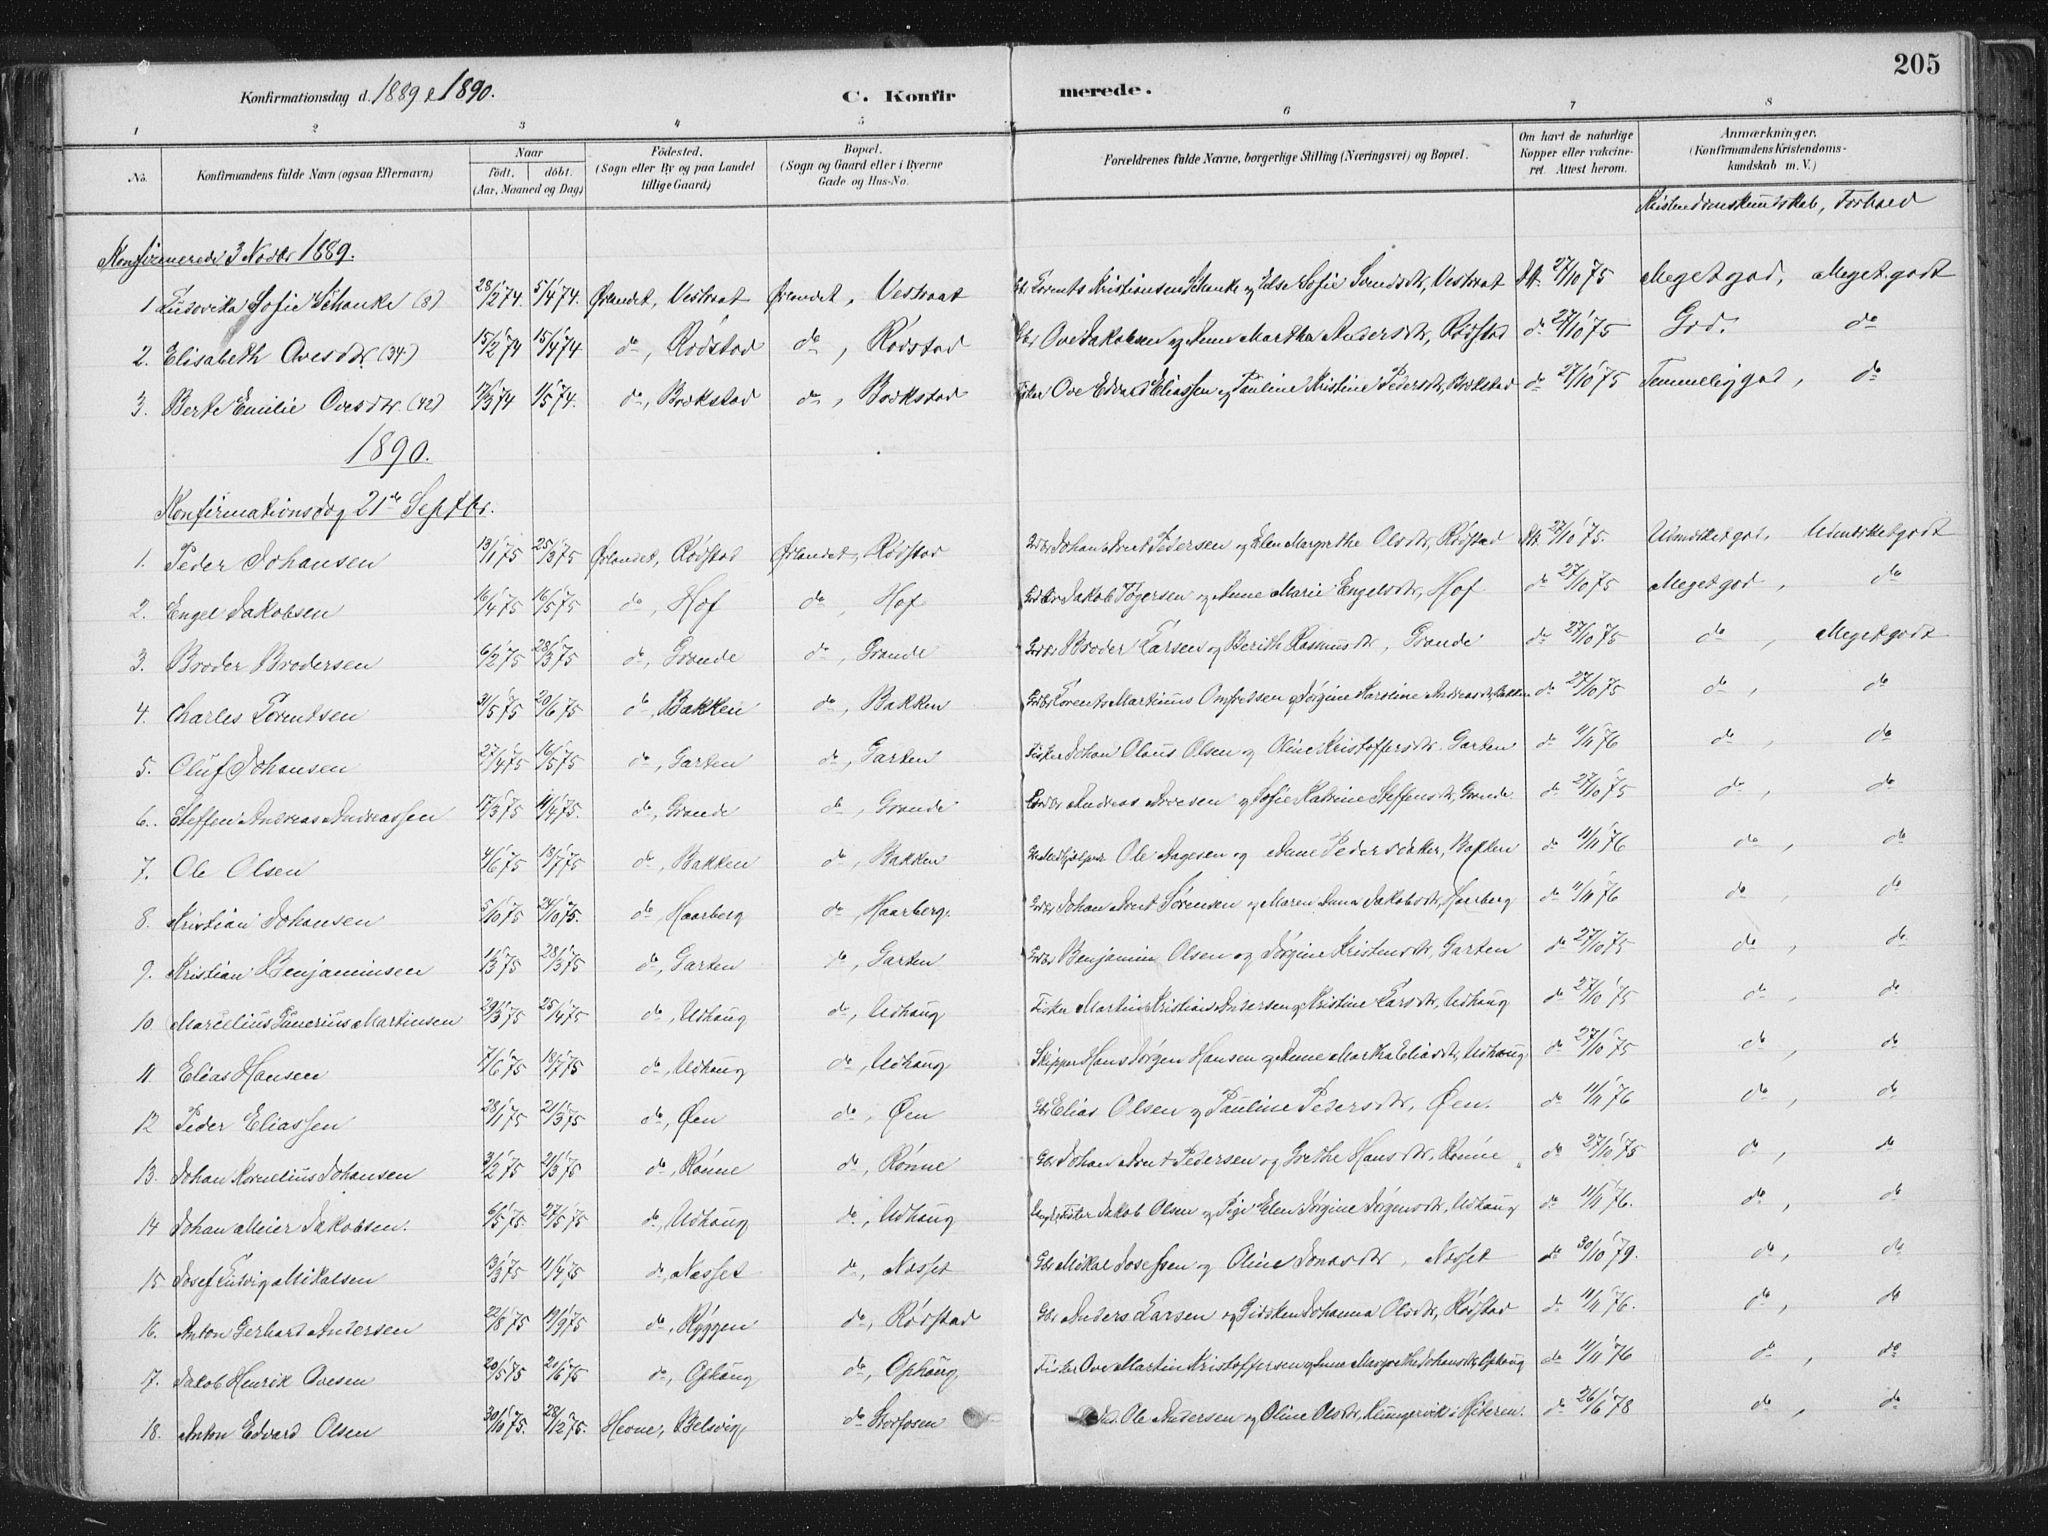 SAT, Ministerialprotokoller, klokkerbøker og fødselsregistre - Sør-Trøndelag, 659/L0739: Ministerialbok nr. 659A09, 1879-1893, s. 205